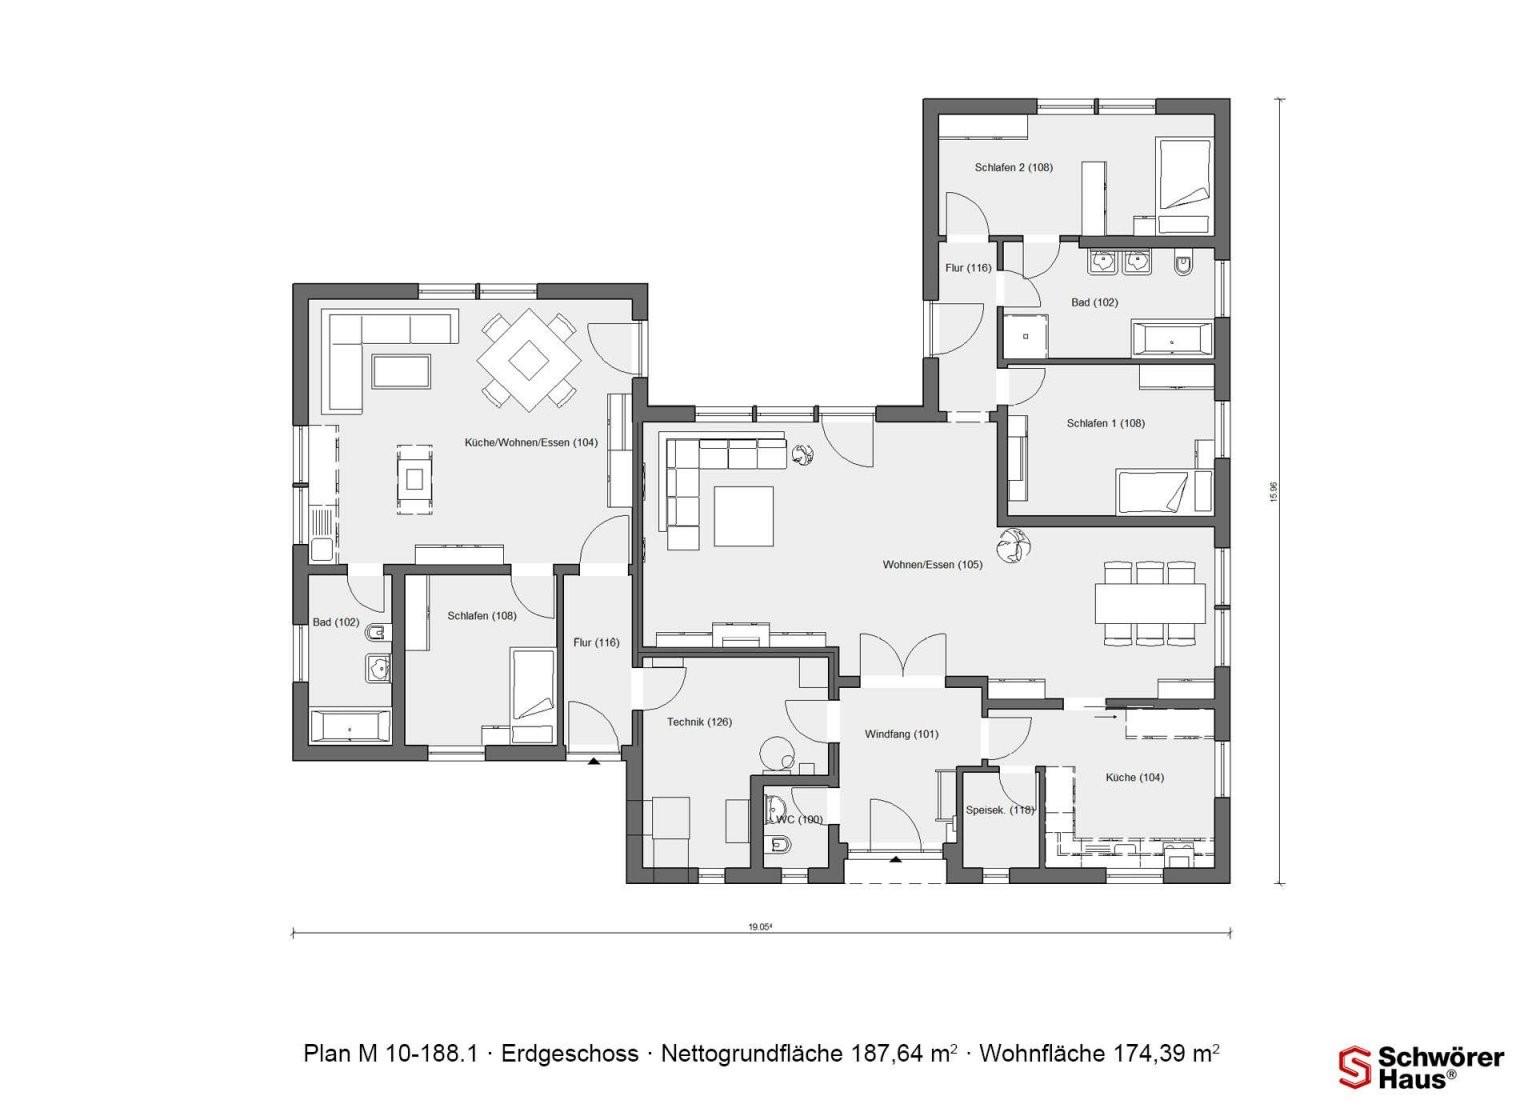 Grundriss Erdgeschoss Bungalow In Uform M 101881  Hausplan von Bungalow L Form Grundriss Bild